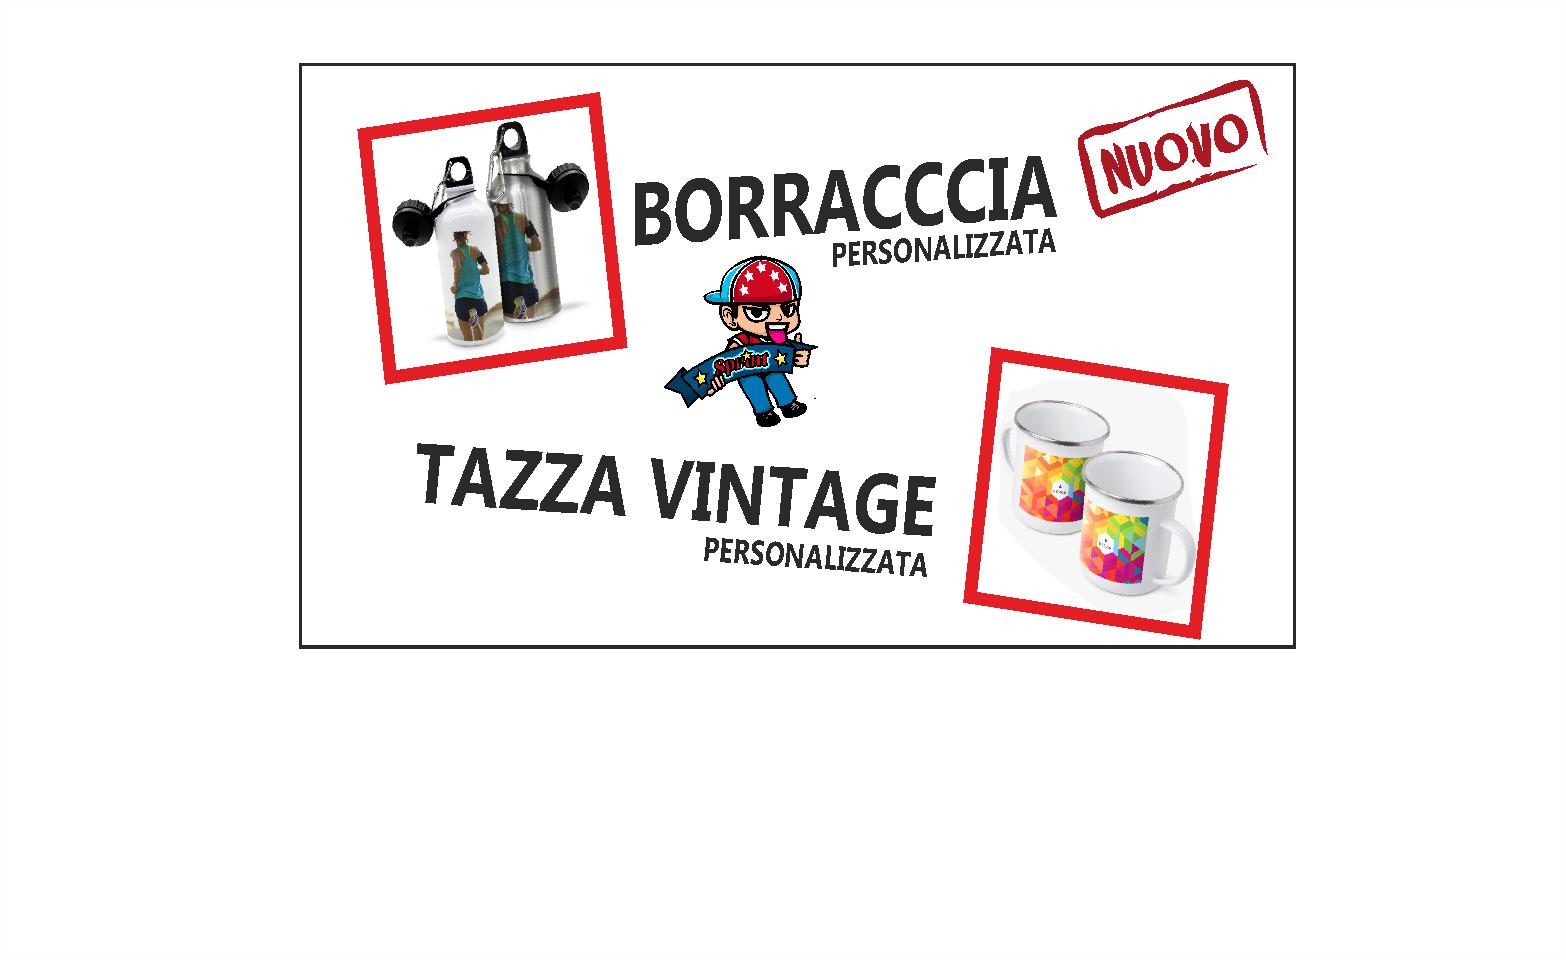 Borraccia e Tazza Vintage